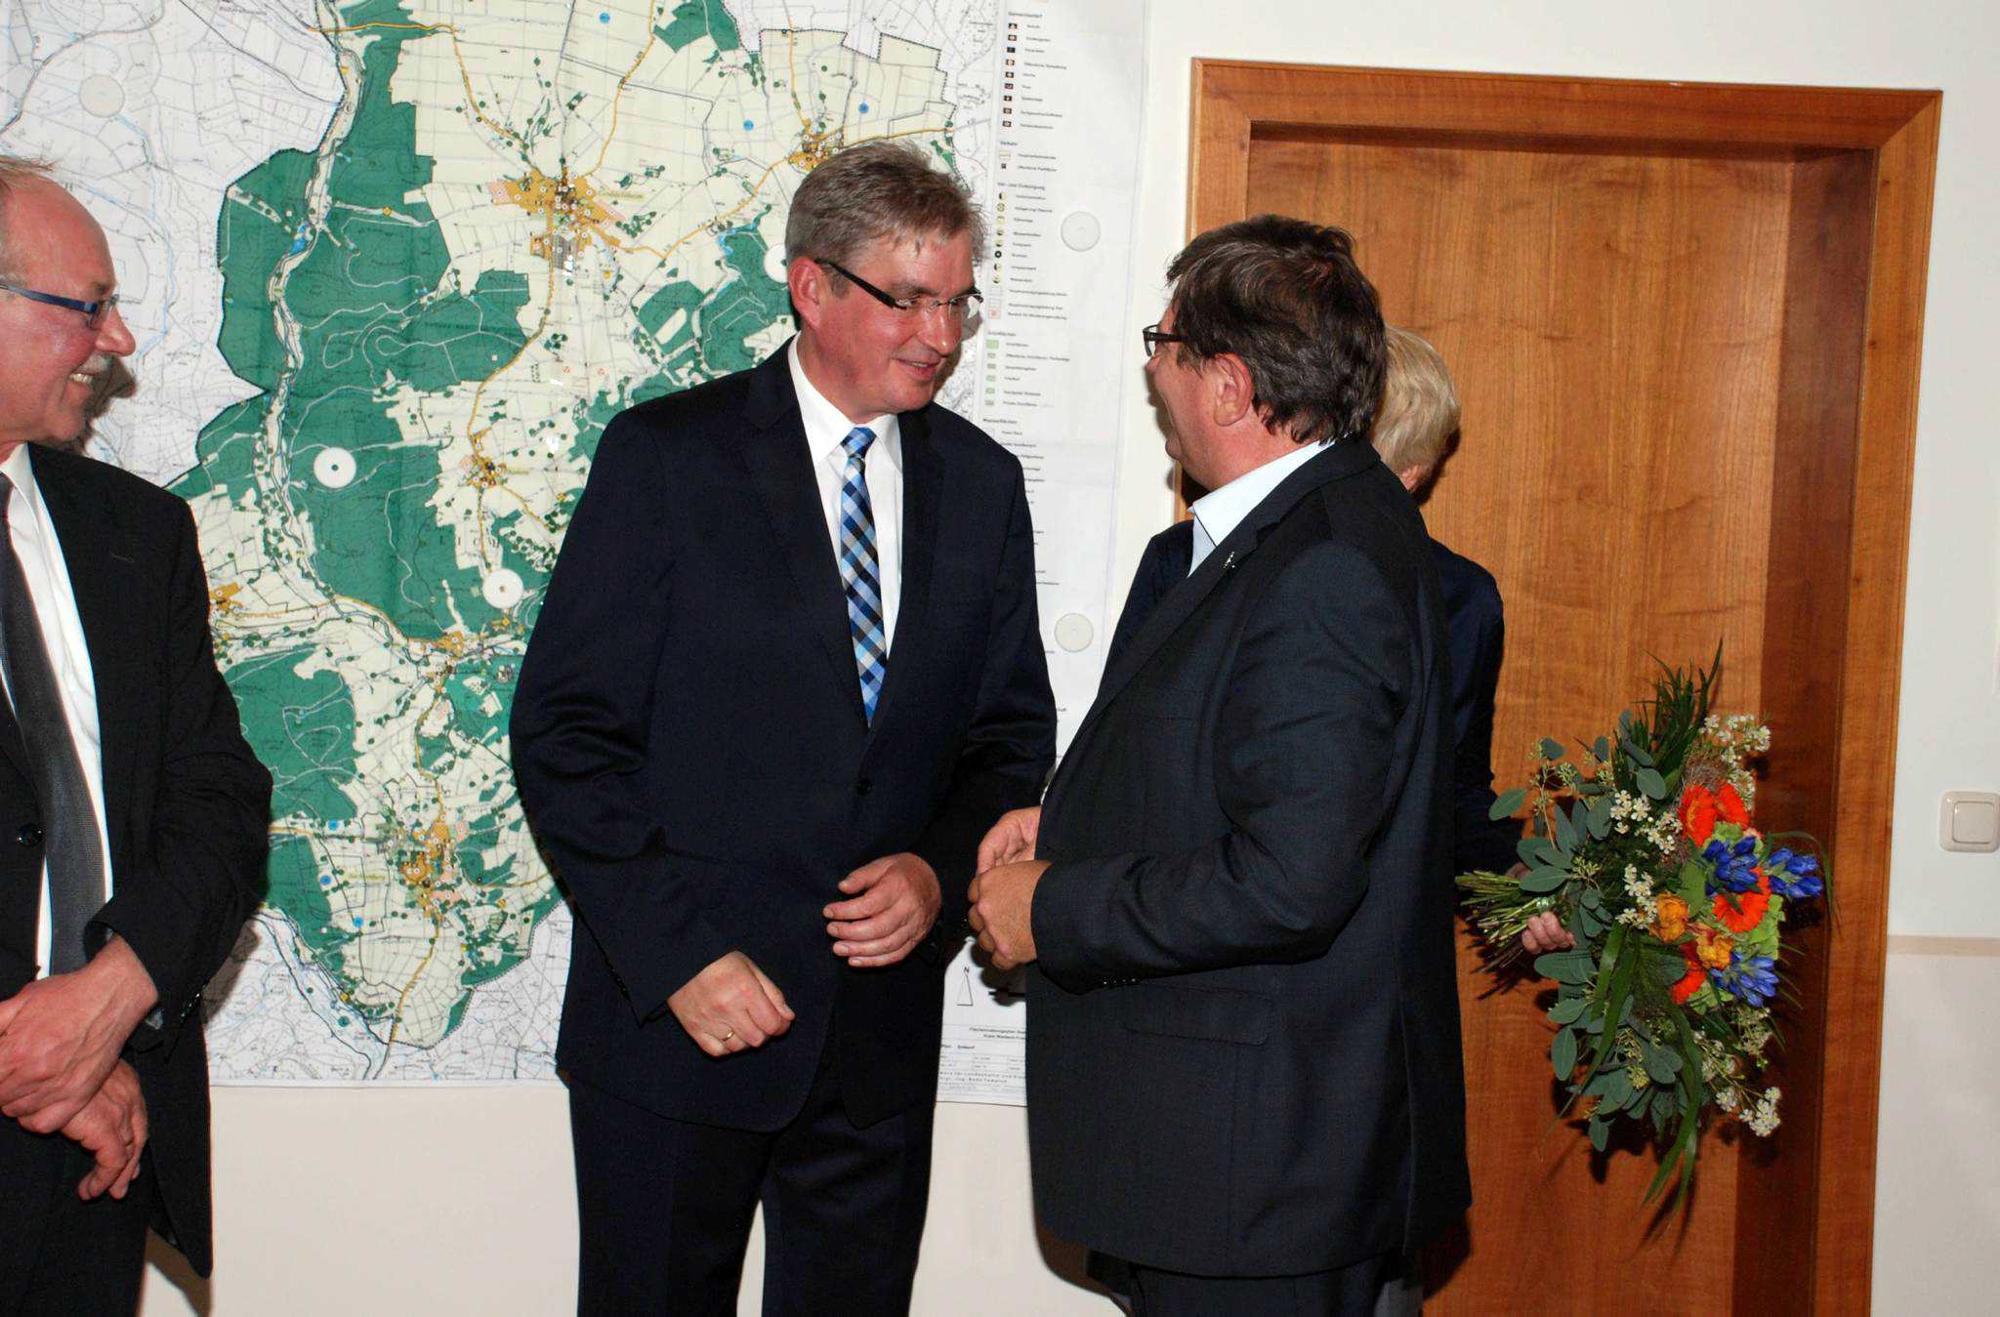 Steuber Kassel bürgermeisterwahl in lichtenfels alleiniger kandidat uwe steuber